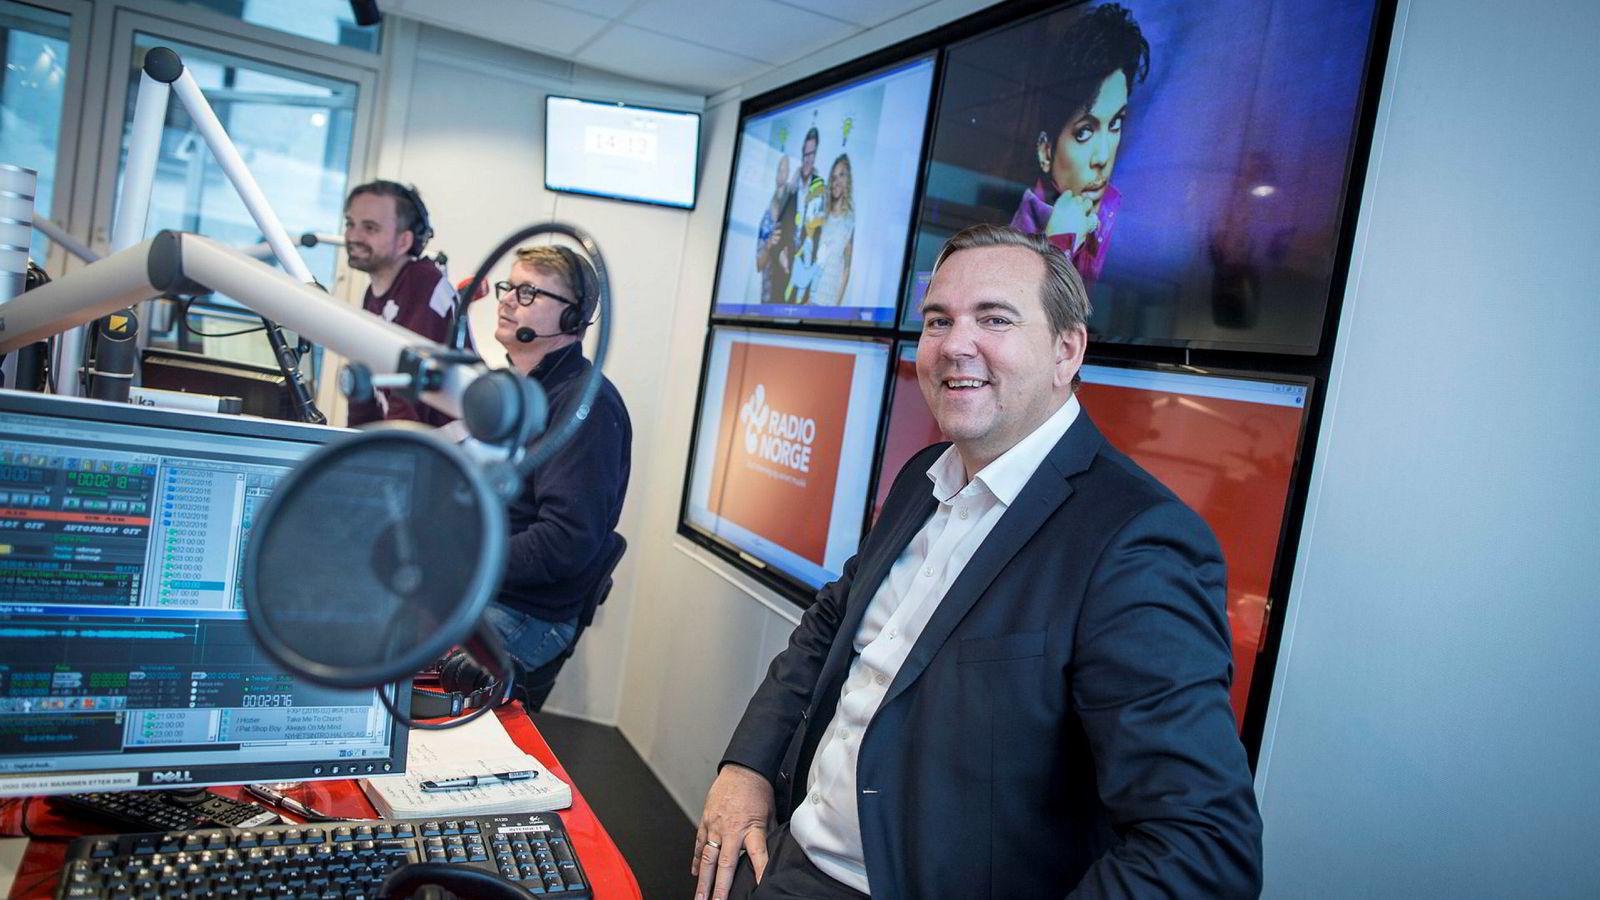 Lasse Kokvik er sjef i Bauer Media, som blant annet står bak Radio 1 og Radio Norge. I bakgrunnen sitter Arne Martin Vistnes og Øyvind Loven.